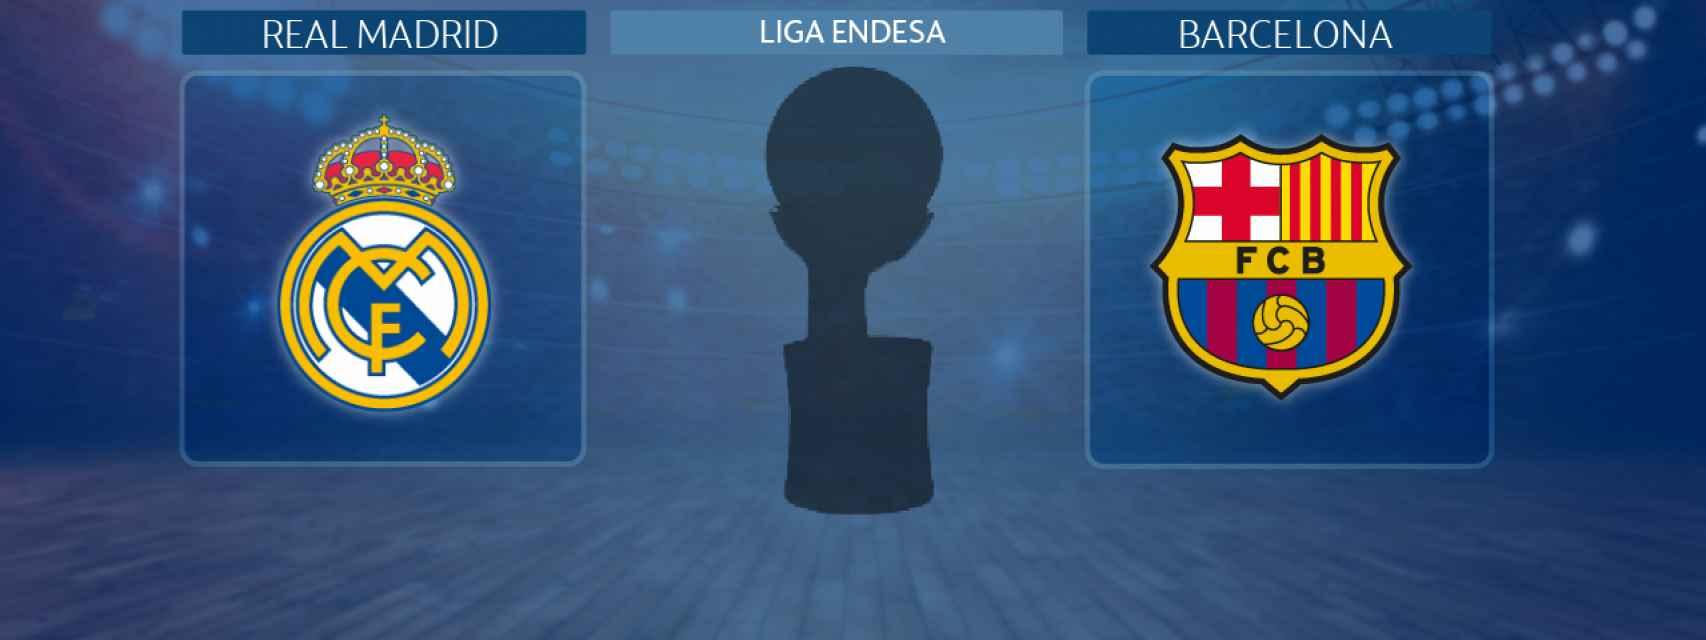 Real Madrid - Barcelona, final de la Liga Endesa